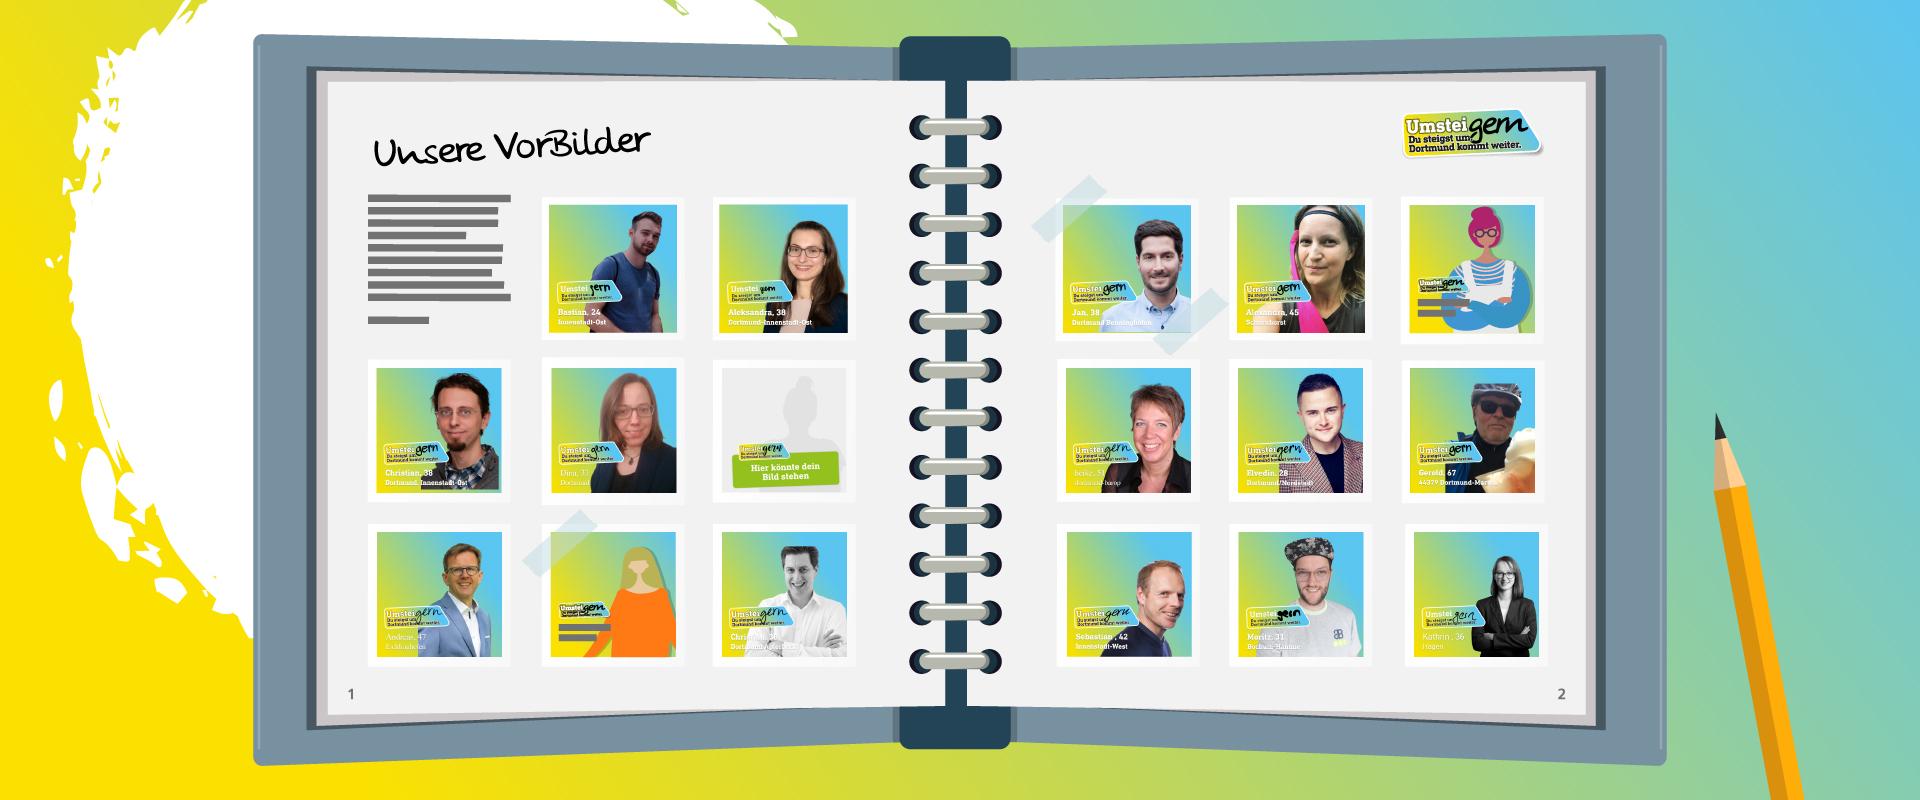 Die VorBilder von UmsteiGERN aus Dortmund im Sammelalbum